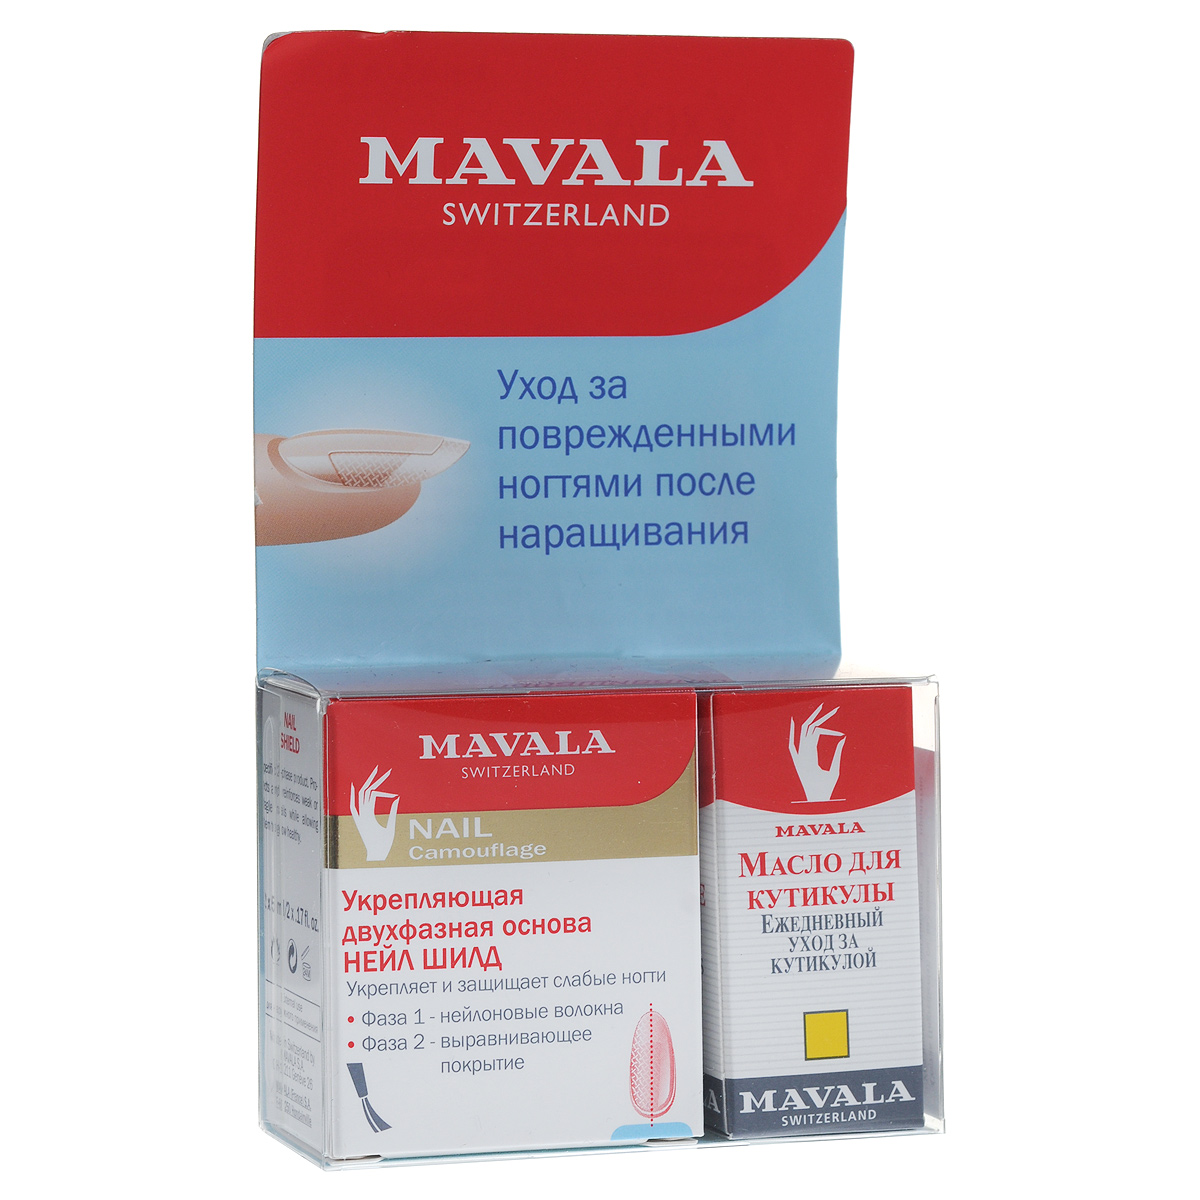 Mavala Набор для ногтей Уход за поврежденными ногтями после наращивания: двухфазная основа Нейл шилд, укрепляющая, масло для кутикулы5010777139655Восстанавливающая программа MAVALA включает всего два средства, которые вернут красоту и здоровье даже поврежденным ногтям.Защитный экран для ногтей NAIL SHIELD: двухфазное средство для укрепления ногтейглубоко проникает в ногтевую пластину, увлажняет и делает ее прочной. Масло для кутикулы CUTICLE OIL: защищает кутикулу и ногти от пересыхания, питая их витаминами, предотвращает образование заусенцев и делает ногти эластичными.Способ применения: 1. Нанесение защитного экрана для ногтей: 1-я фаза – нанесите слой средства №1 (Fibres&Nylon) на основе нейлоновых волокон на всю поверхность ногтя и дождитесь, пока слой высохнет. Этот слой формирует защитную решетку на ногте, не препятствуя его здоровому развитию.2-я фаза – нанесите слой средства №2 (Egalisator&Sealer) для закрепления нейлоновых волокон и создания идеально ровной основы под лак.Если на поверхности остались неровности, нанесите еще один слой. Средство можно использовать как с любым лаком, так и отдельно. 2. После нанесения любого лака для ногтей нанесите масло на контур ногтя. Помассируйте кутикулу круговыми движениями от кончика ногтя к запястью, дайте крему впитаться.Товар сертифицирован.